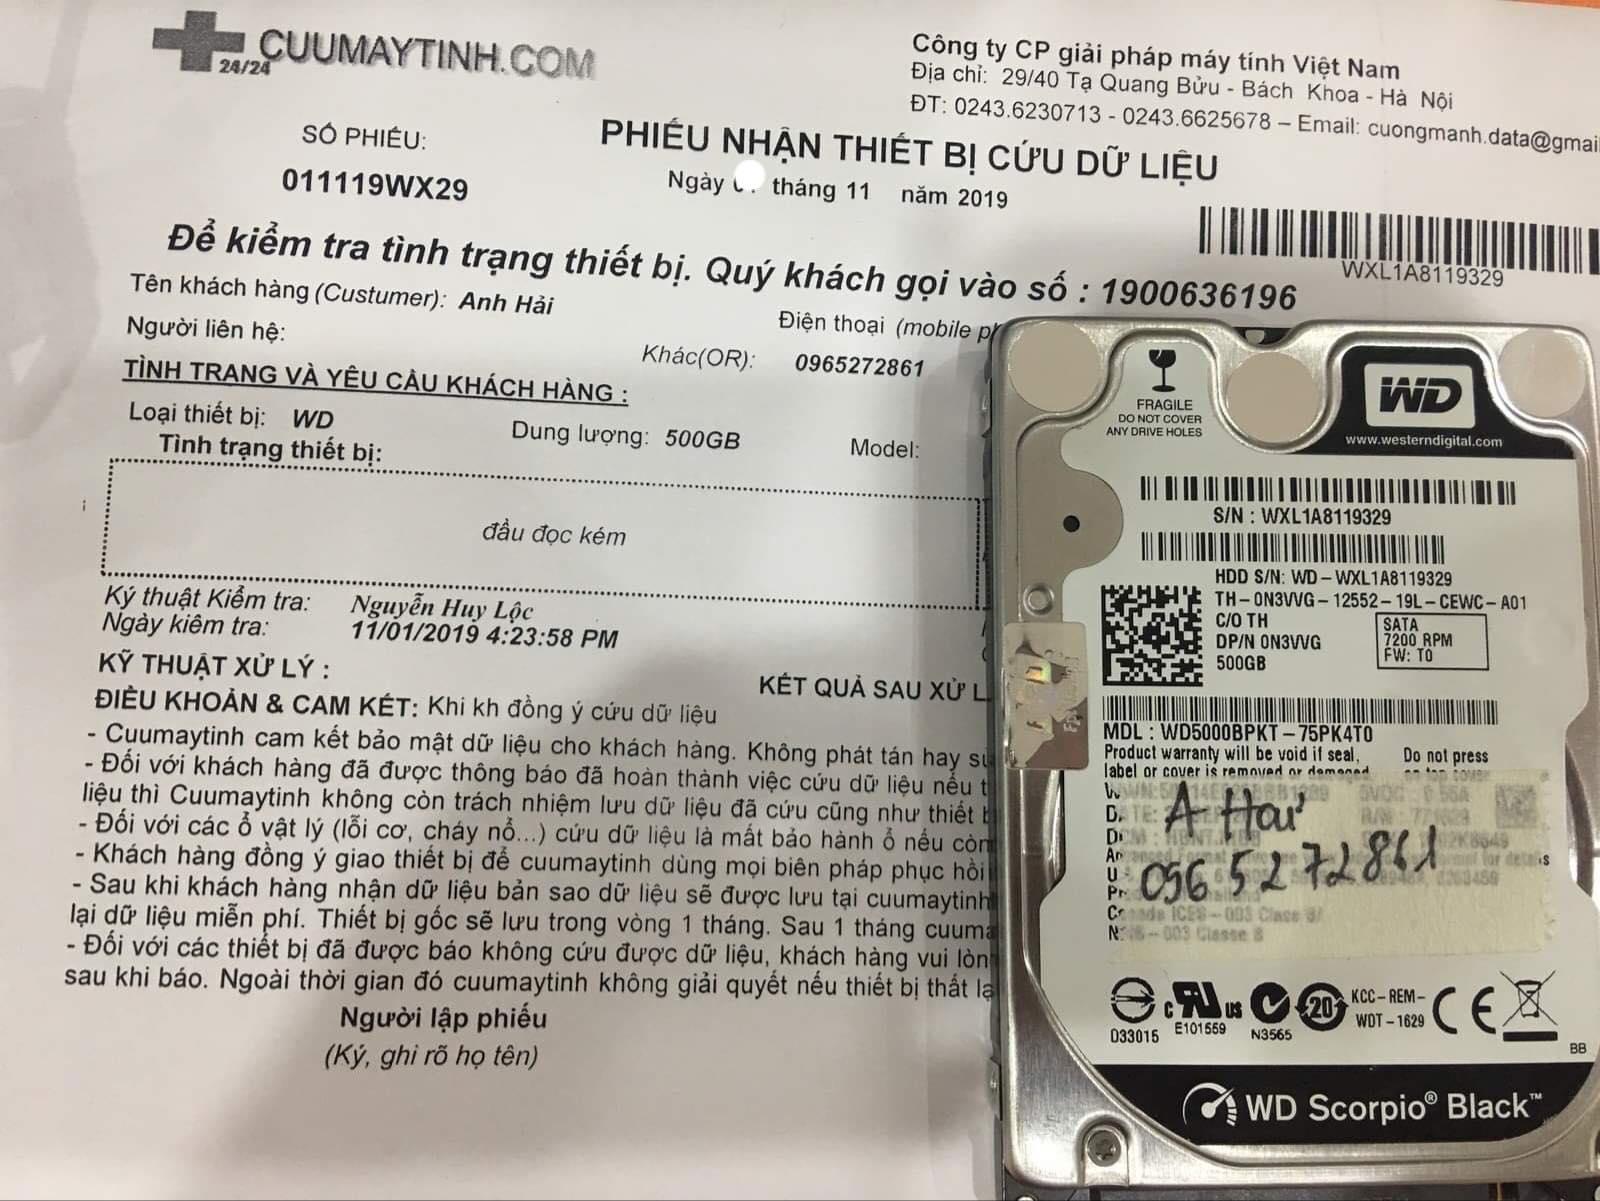 Phục hồi dữ liệu ổ cứng Western 500GB đầu đọc kém 08/11/2019 - cuumaytinh